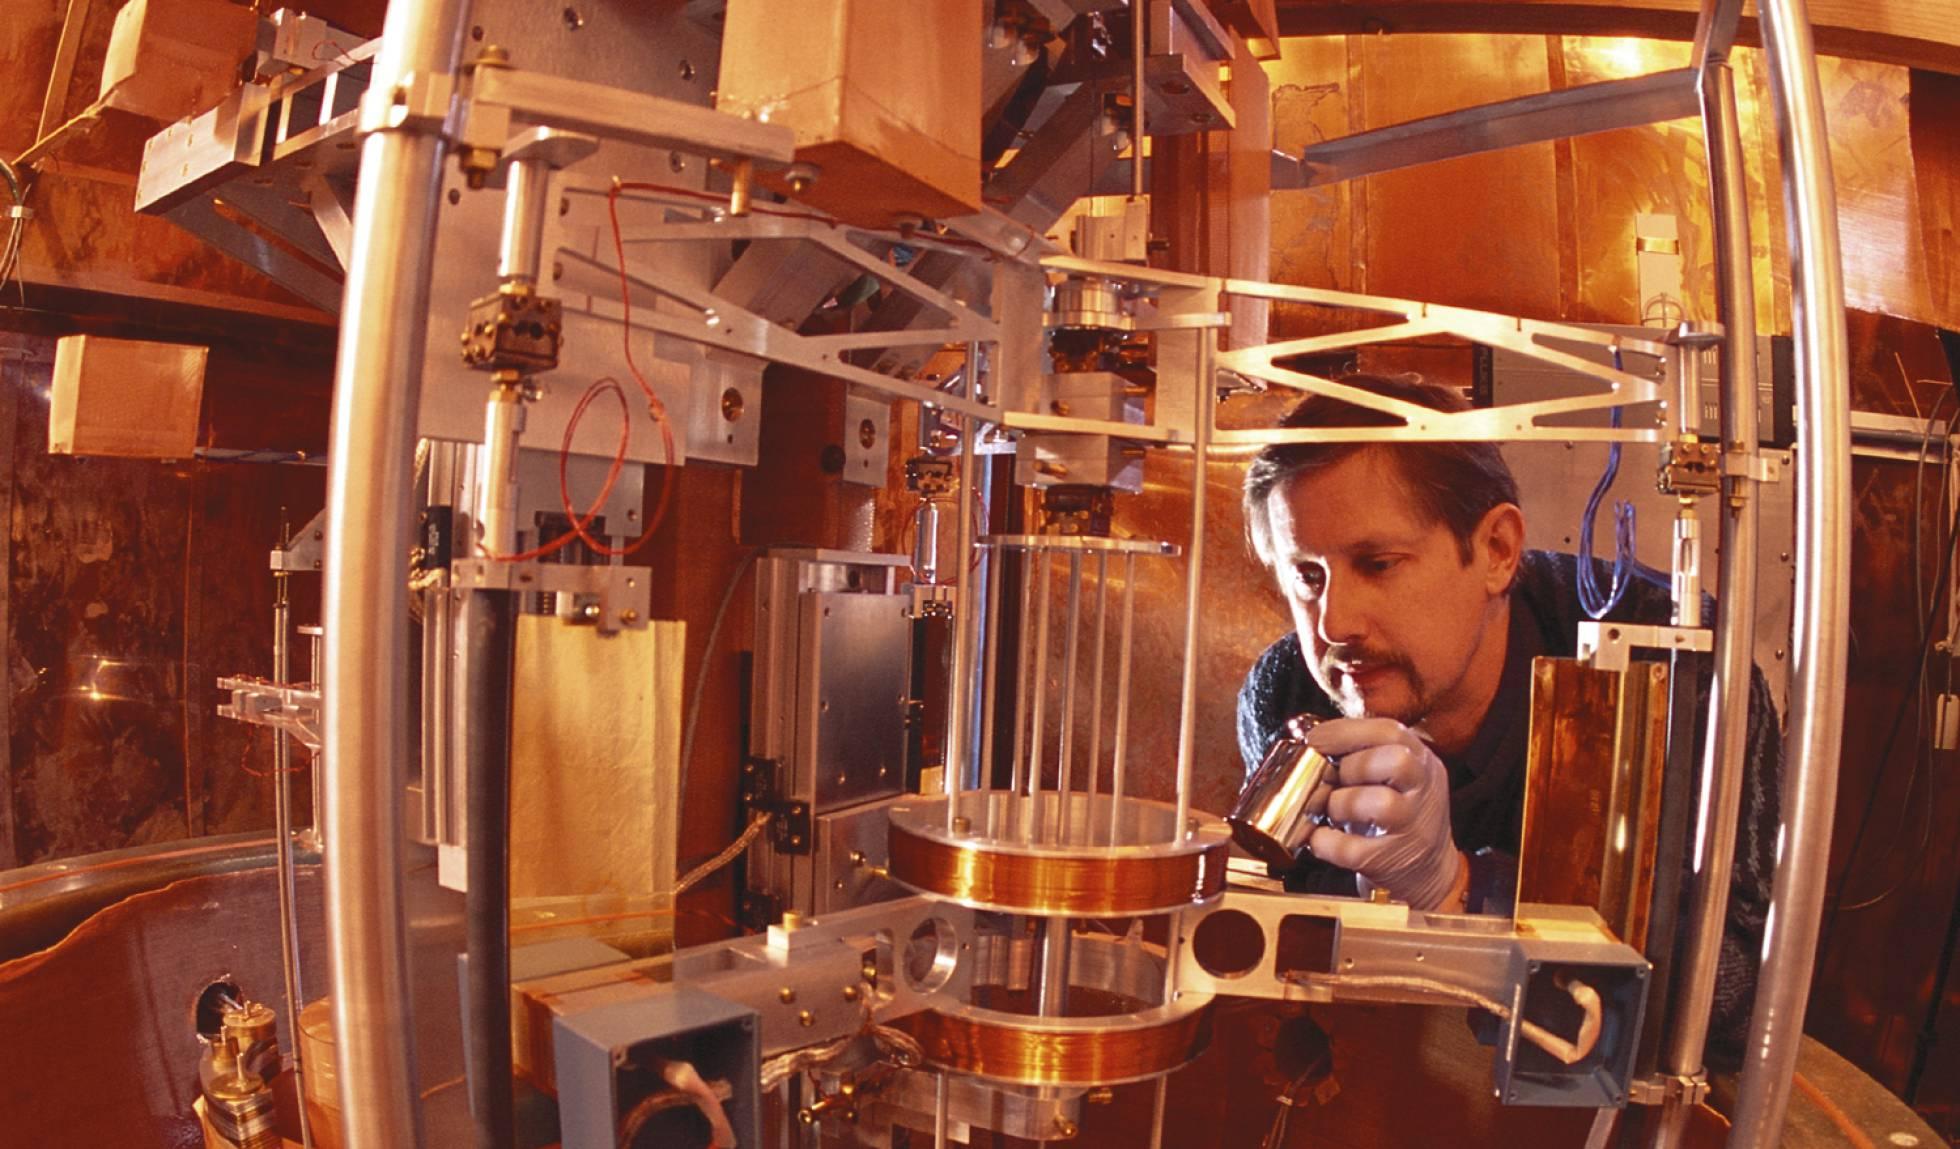 Ciencia y Tecnología Ùltimas Noticias - Página 8 1508842767_559478_1508845556_noticia_normal_recorte1